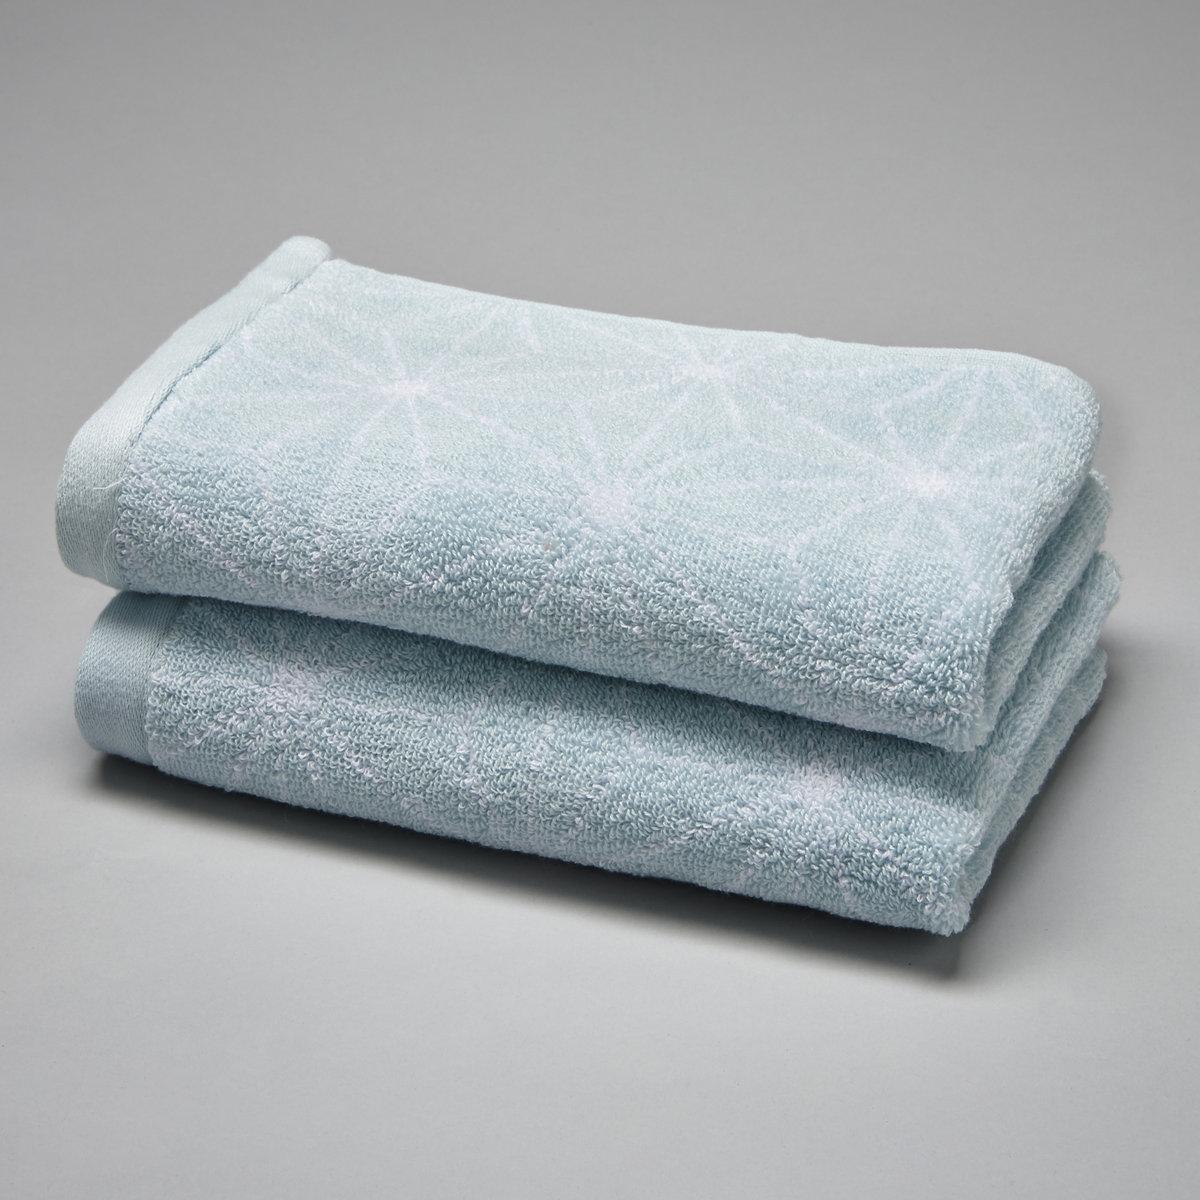 2 полотенца гостевых с рисунком в скандинавском стиле 500 г/м?